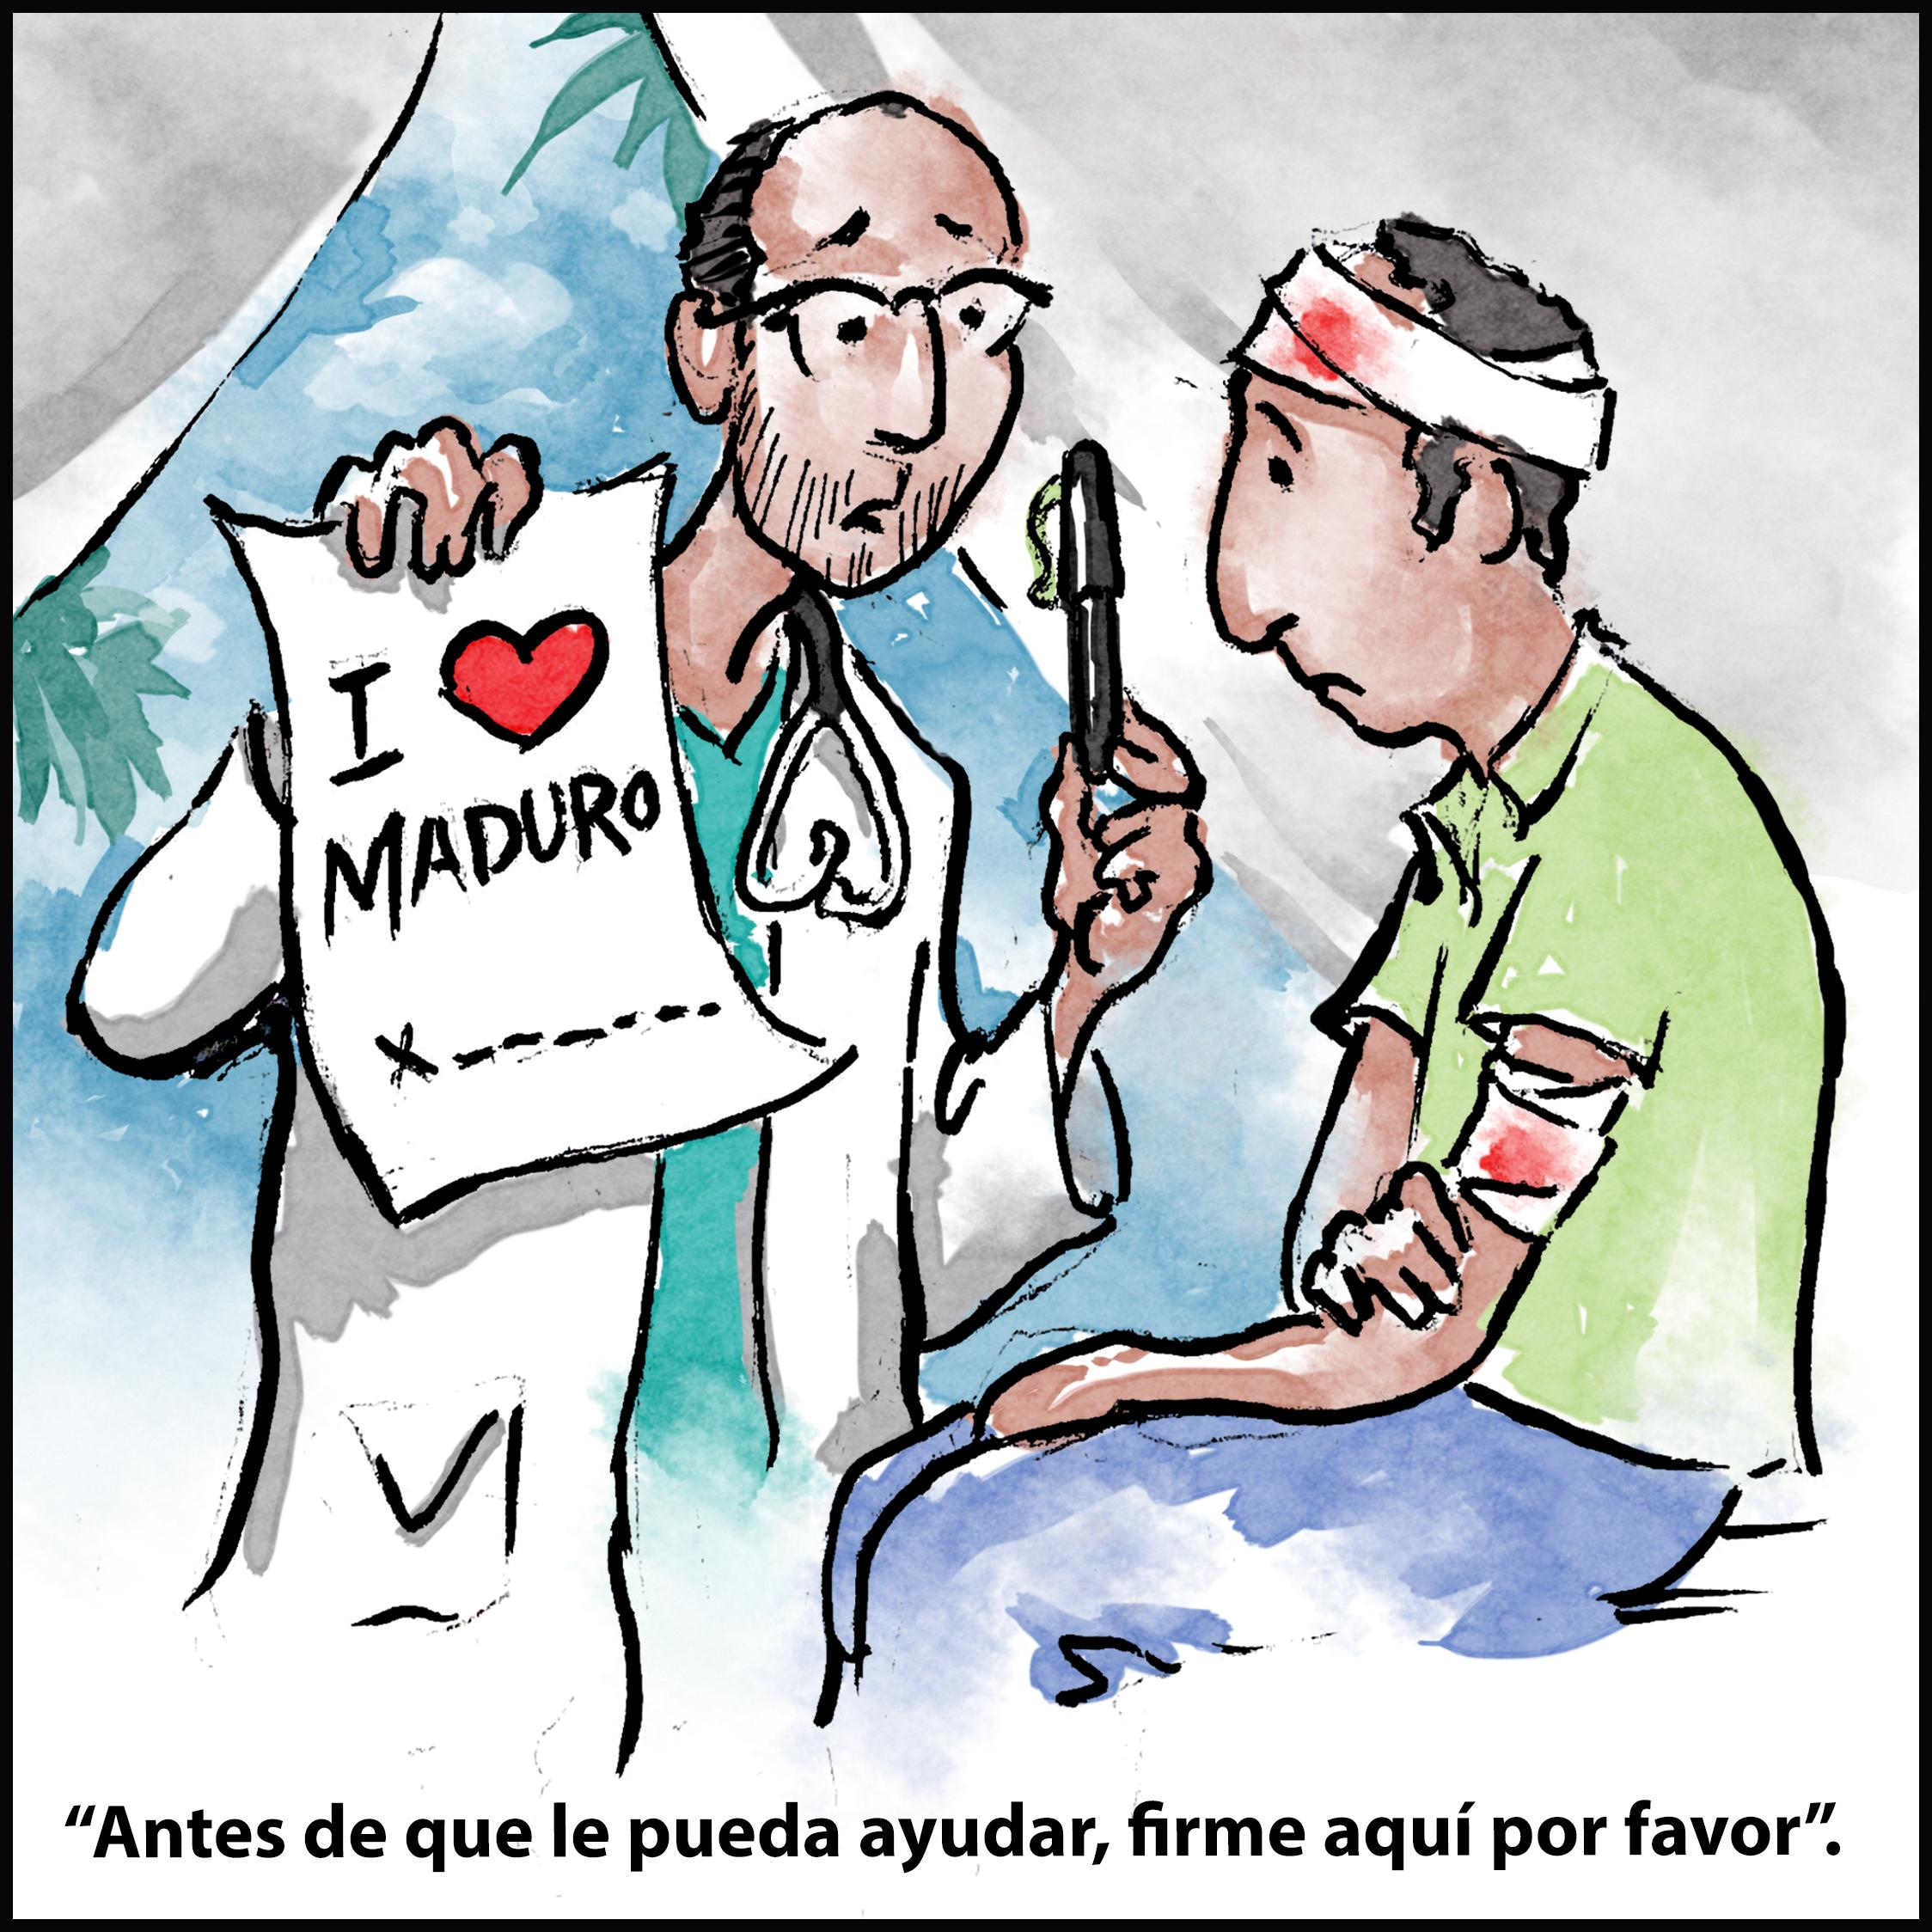 Ilustración de un médico que sostiene una pluma y un papel en apoyo a Maduro frente a un paciente (D. Thompson/Depto. de Estado)